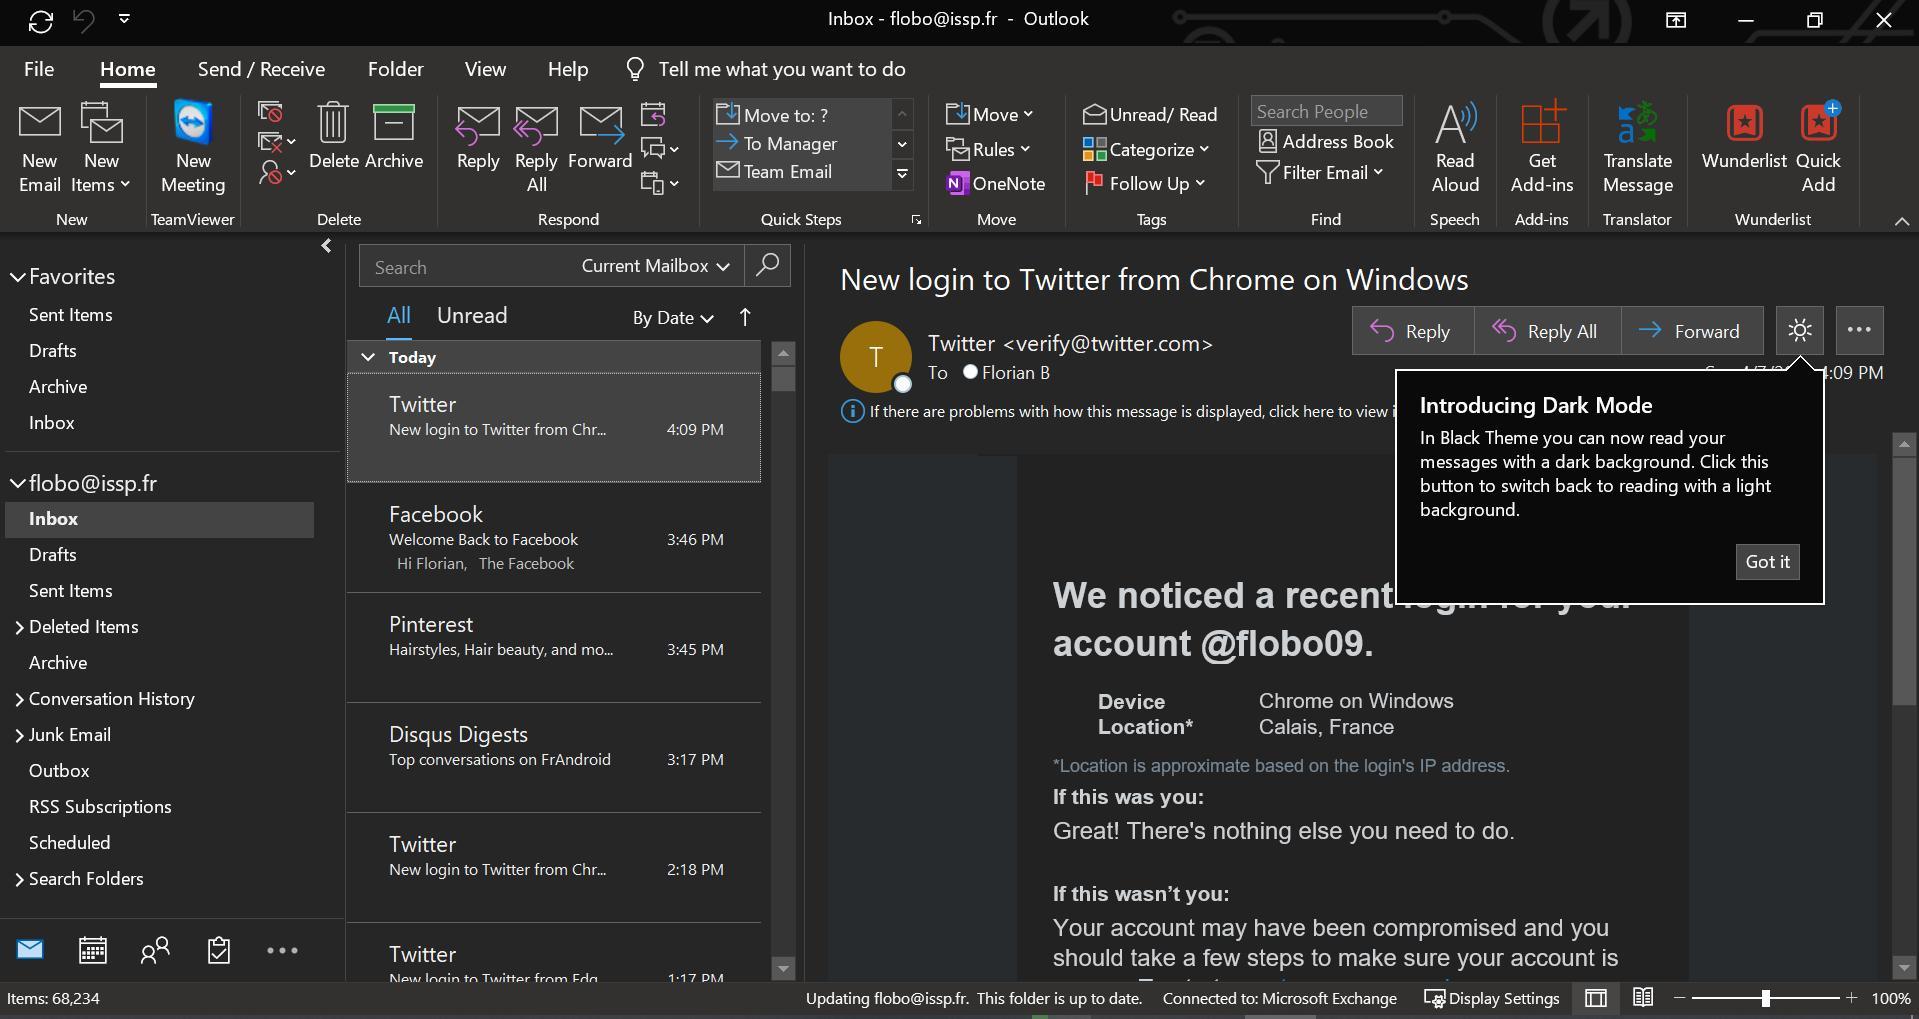 Δουλεύεις Office 365 μέχρι αργά; Δοκίμασε το dark theme